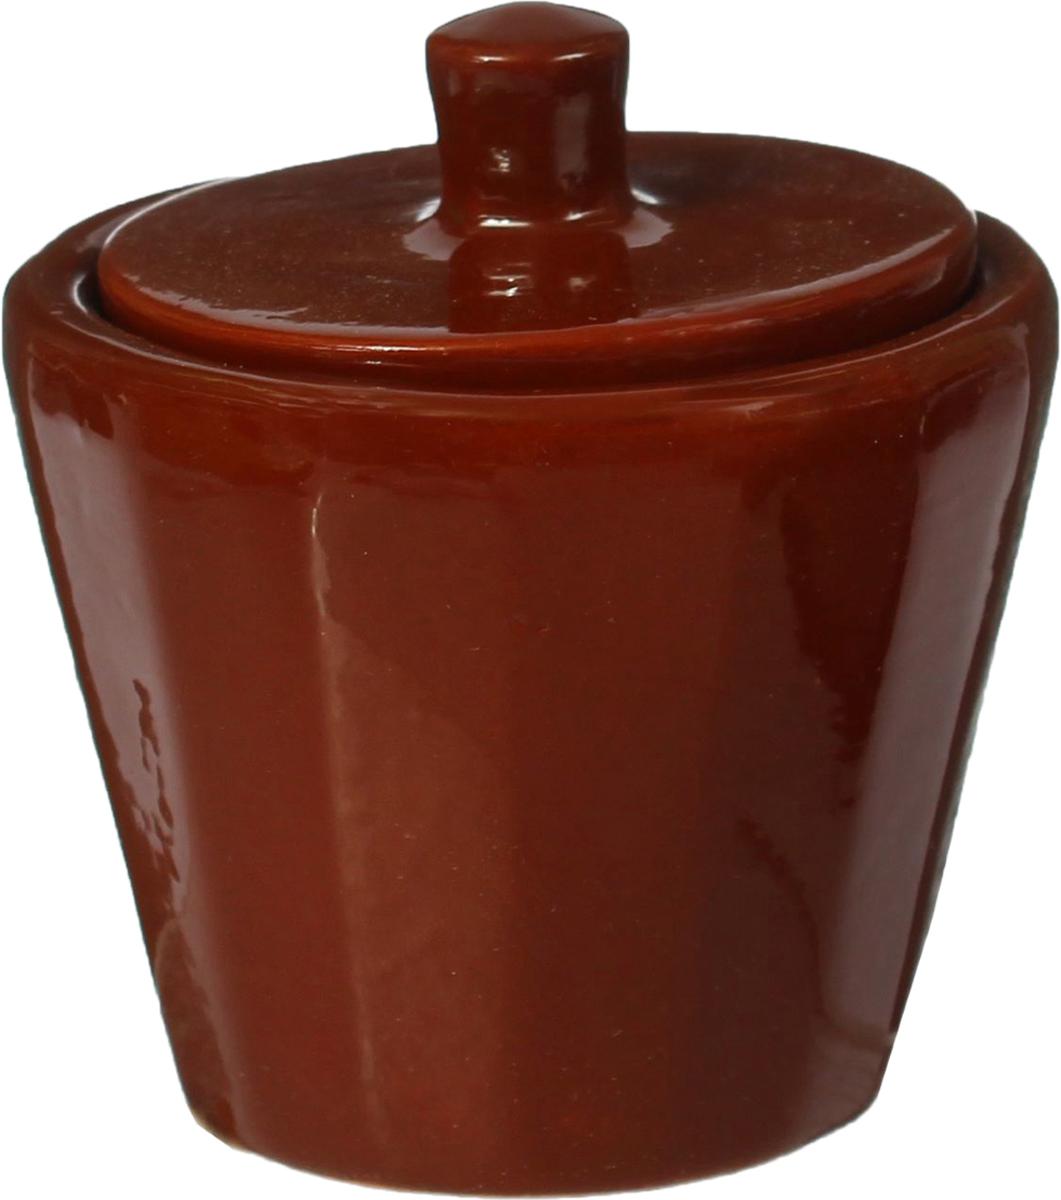 Сахарница Борисовская керамика Ностальгия, 200 мл. ОБЧ14458068ОБЧ14458068Сахарница с крышкой Борисовская керамика Ностальгия изготовлена из керамики с глазурованной поверхностью. Емкость универсальна, подойдет как для сахара, так и для специй или меда.